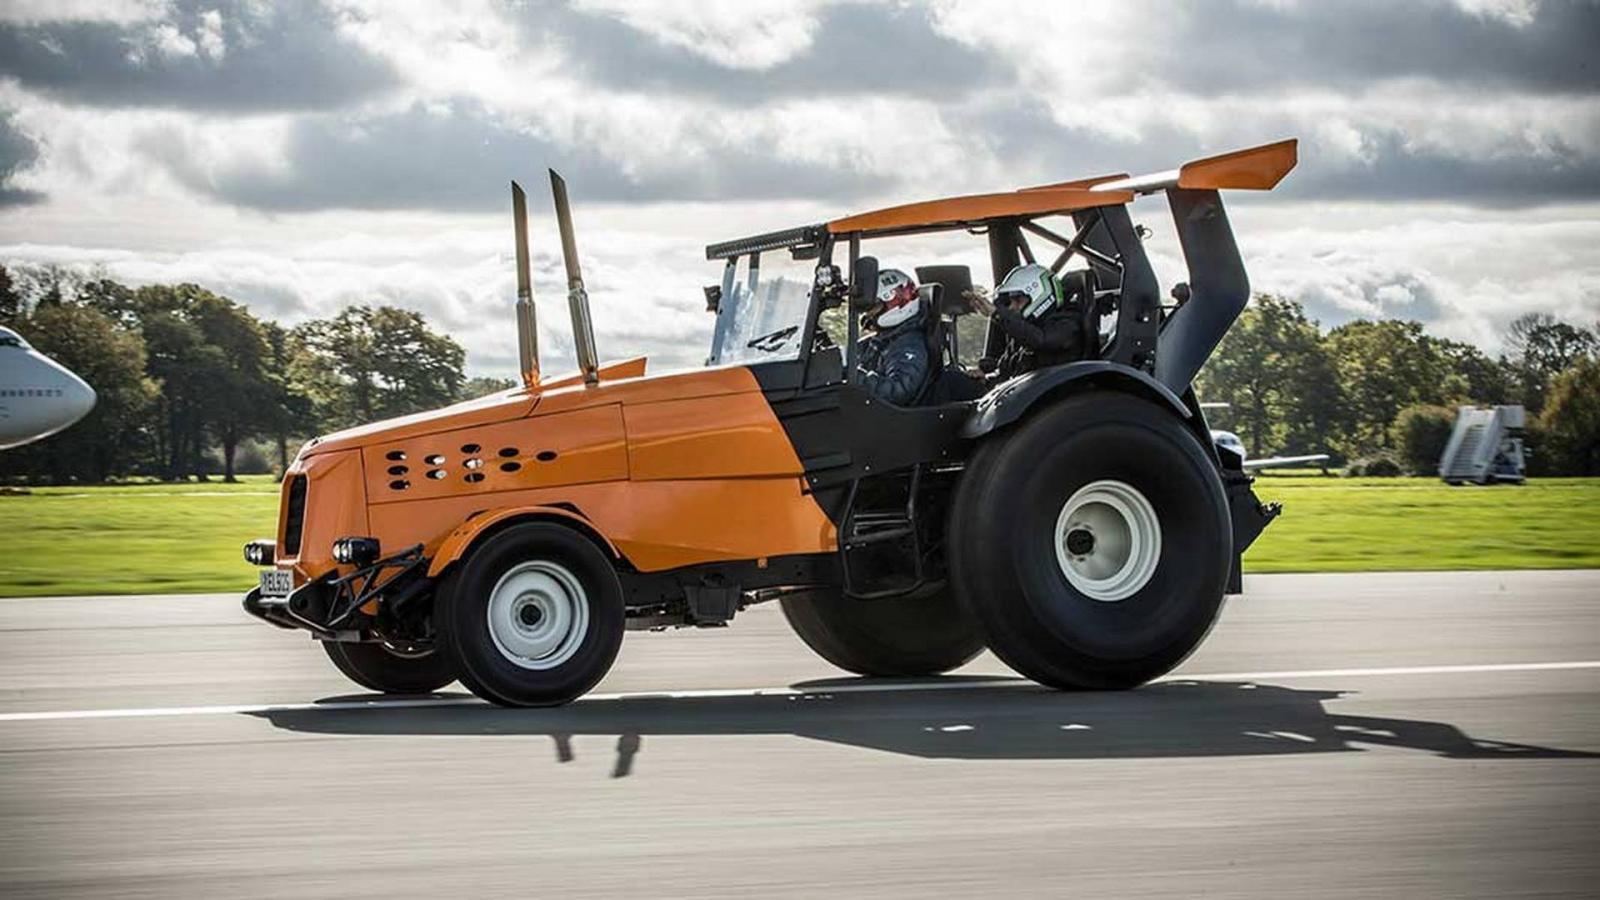 Новый рекорд скорости на507-сильном тракторе установил Стиг изTop Gear